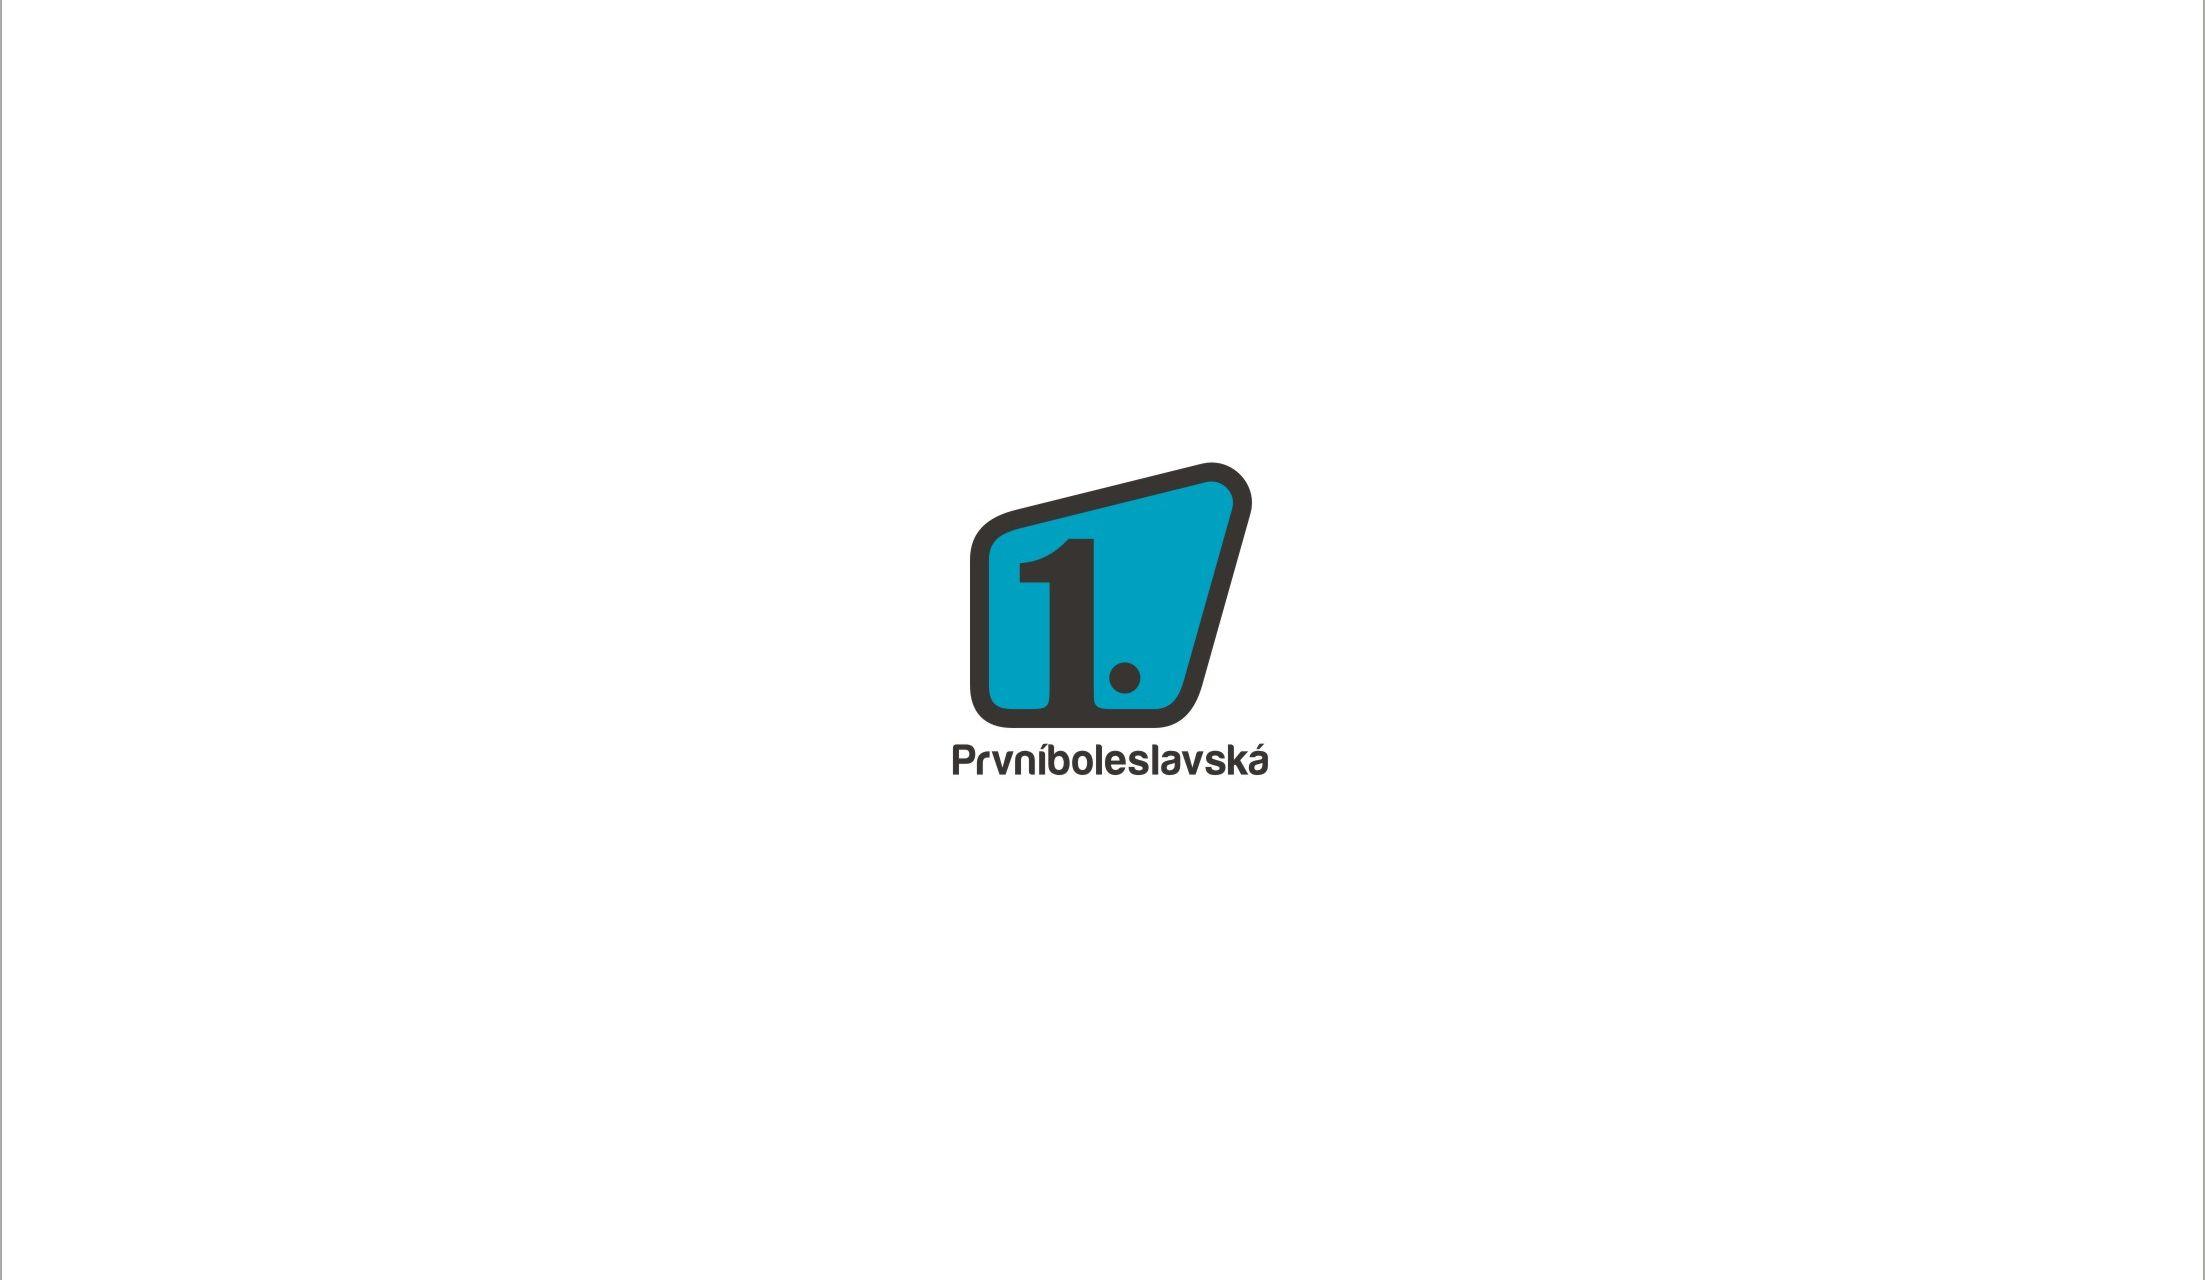 Logo první boleslavská - JPEG